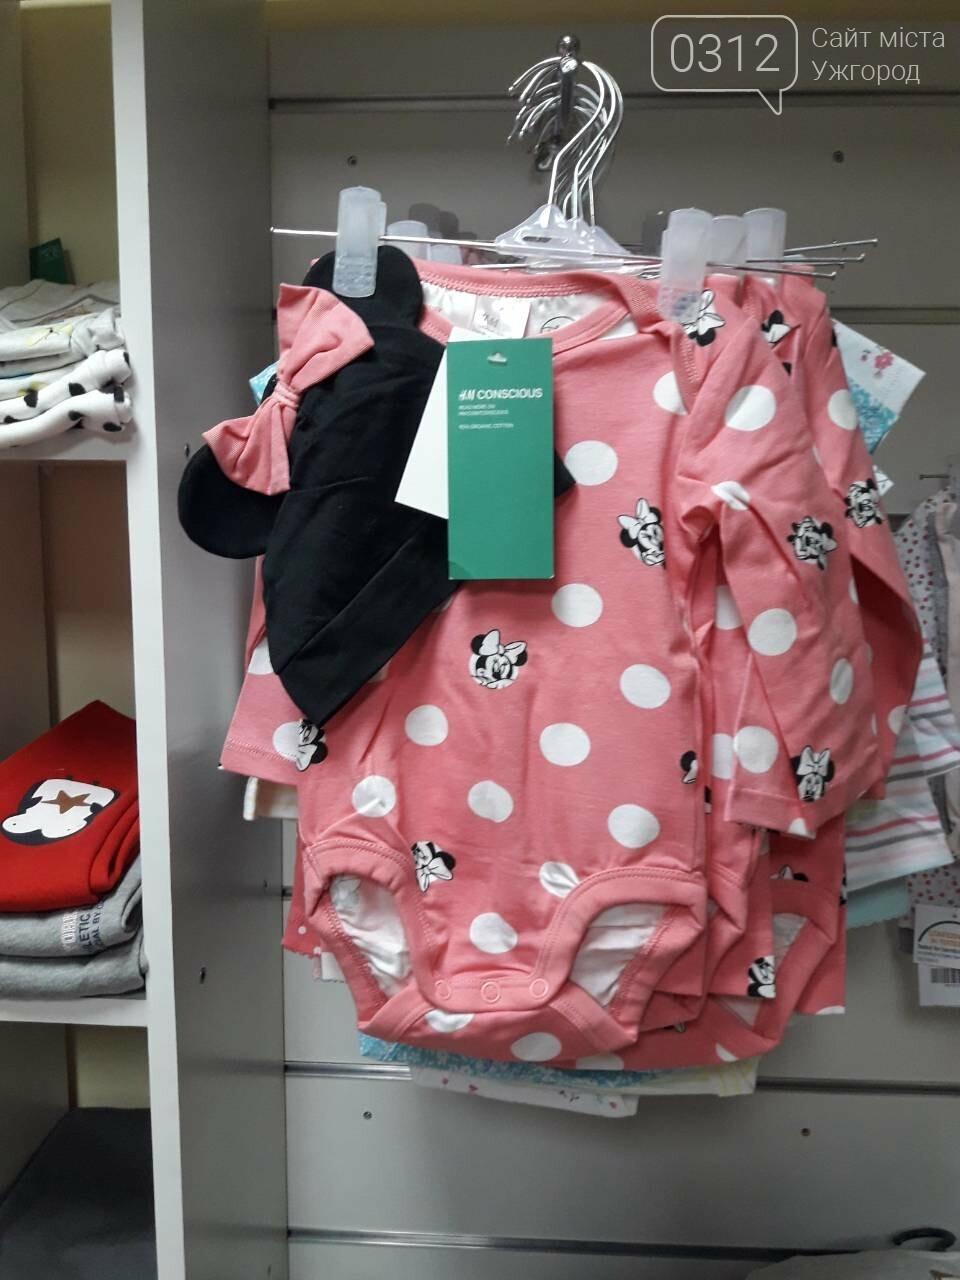 ЗНИЖКИ до -70%: 1-го грудня в Ужгороді відчиняється магазин дитячого одягу «WESTERN BRANDS» (ФОТО), фото-8